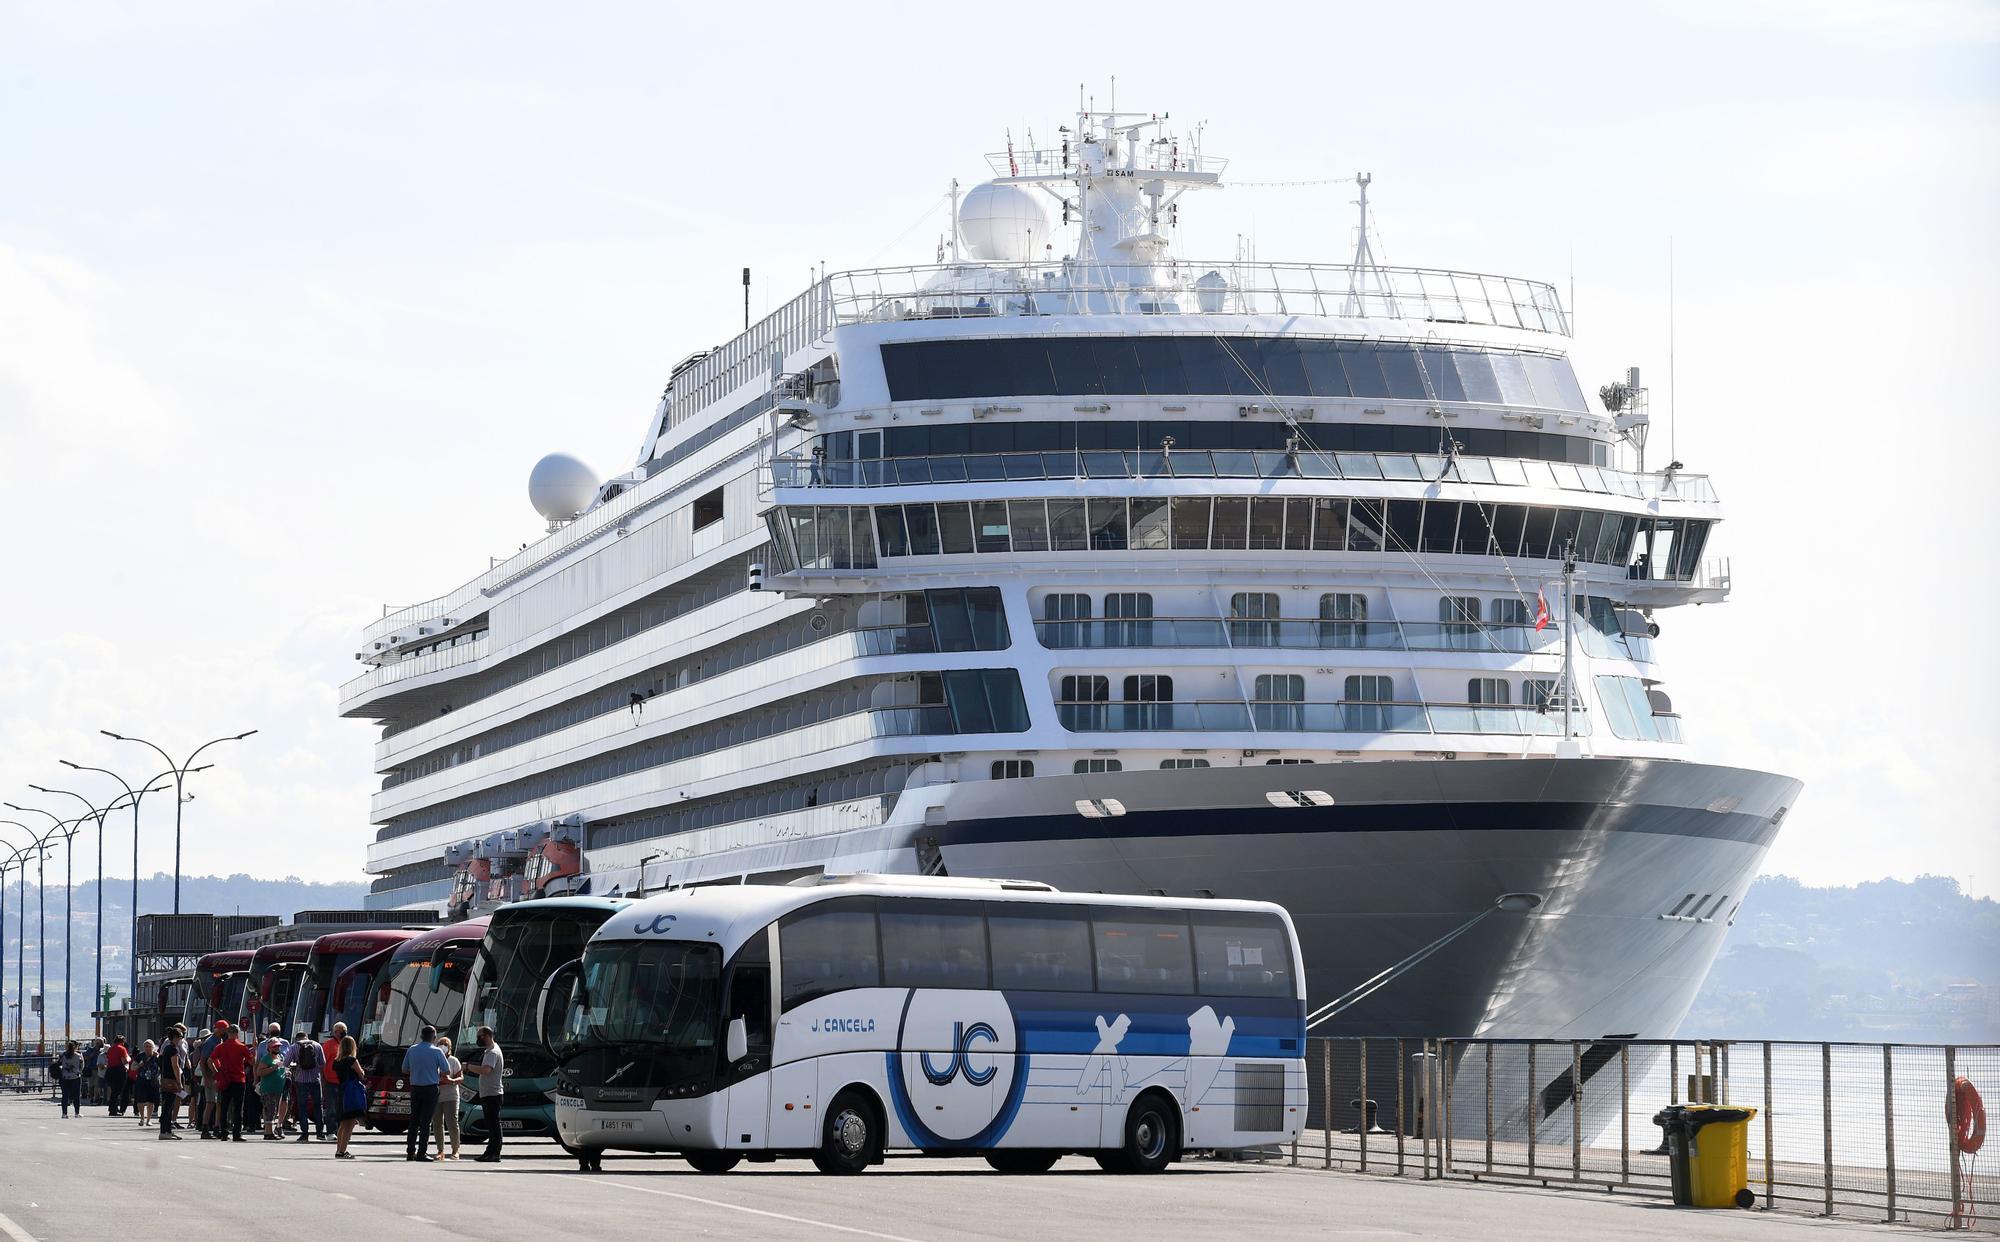 Llegada a A Coruña de los primeros cruceristas tras la pandemia